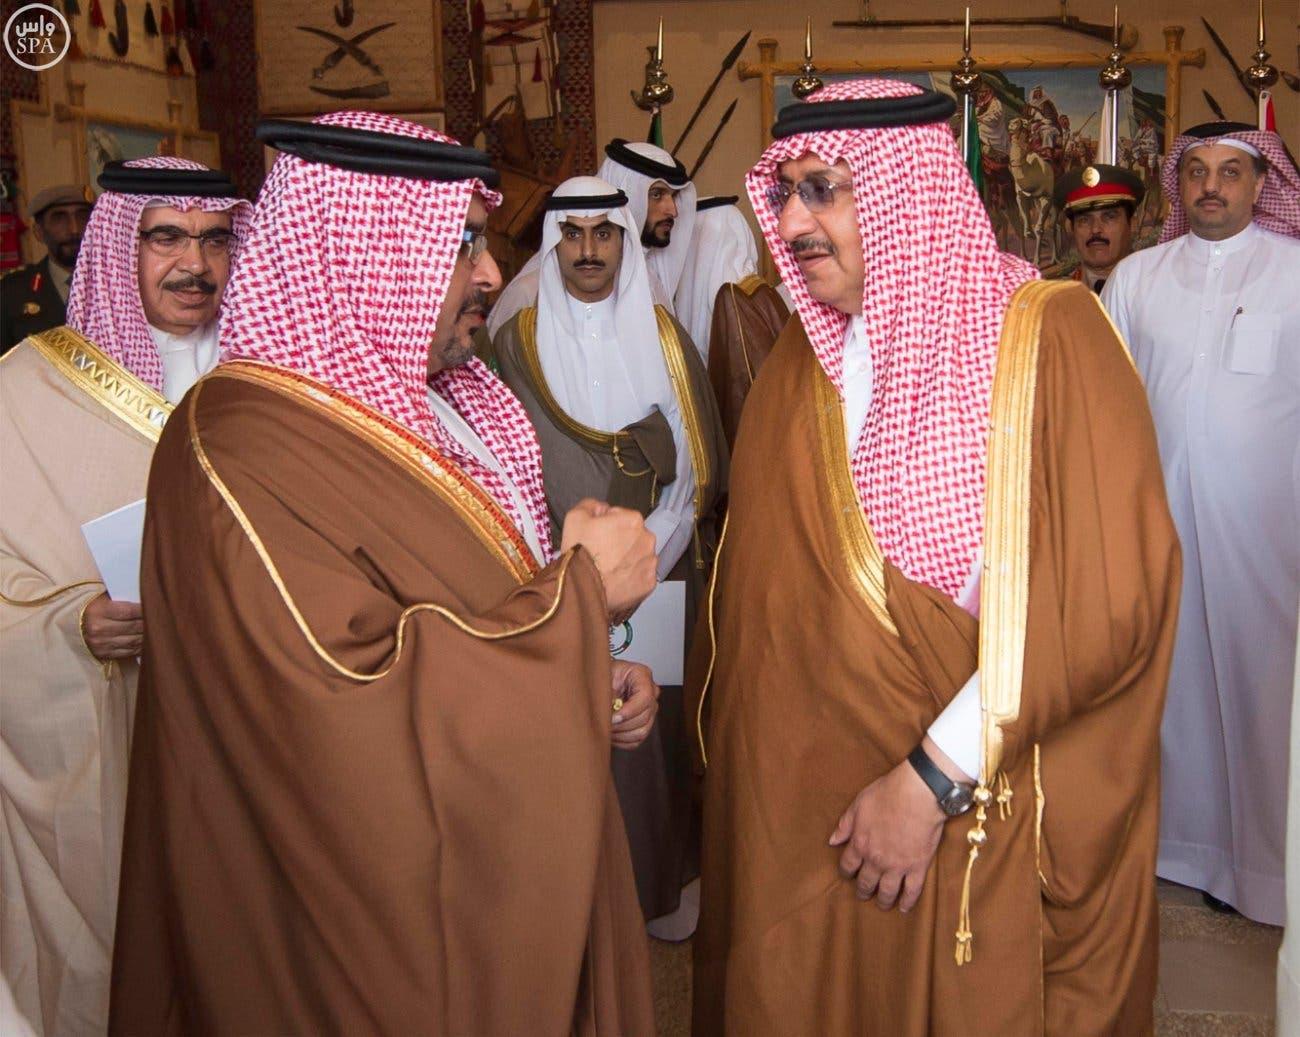 دعوة خليجية إلى سرعة انعقاد الحوار اليمني في الرياض E238e431-e6fd-4acc-96c9-aeb09f376025